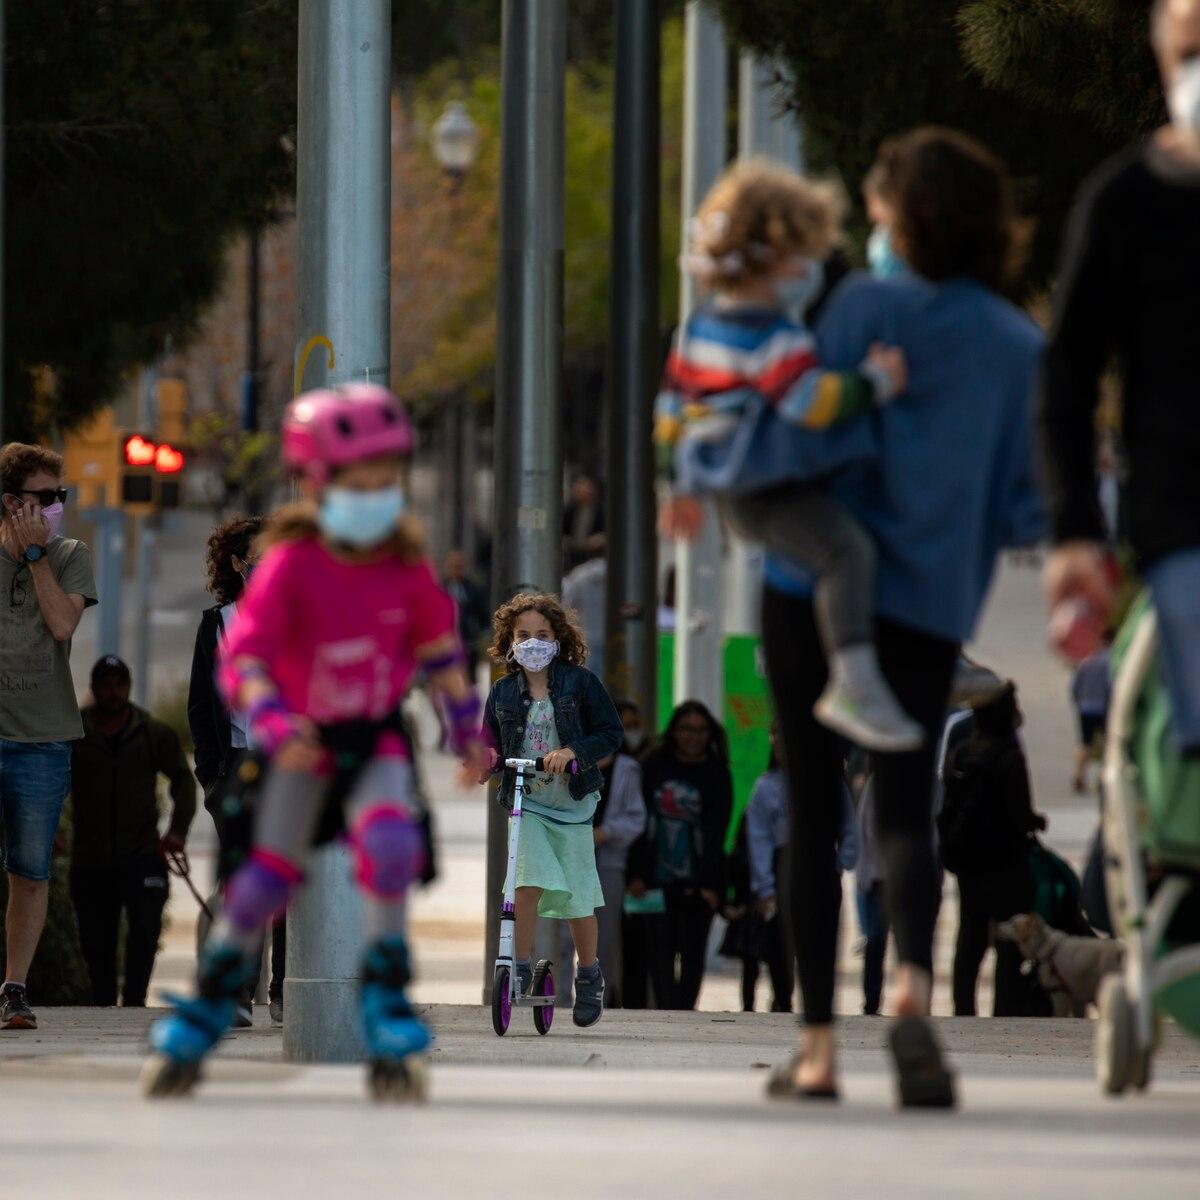 342 niños desarrollan padecimiento inflamatorio por COVID-19 en Estados Unidos